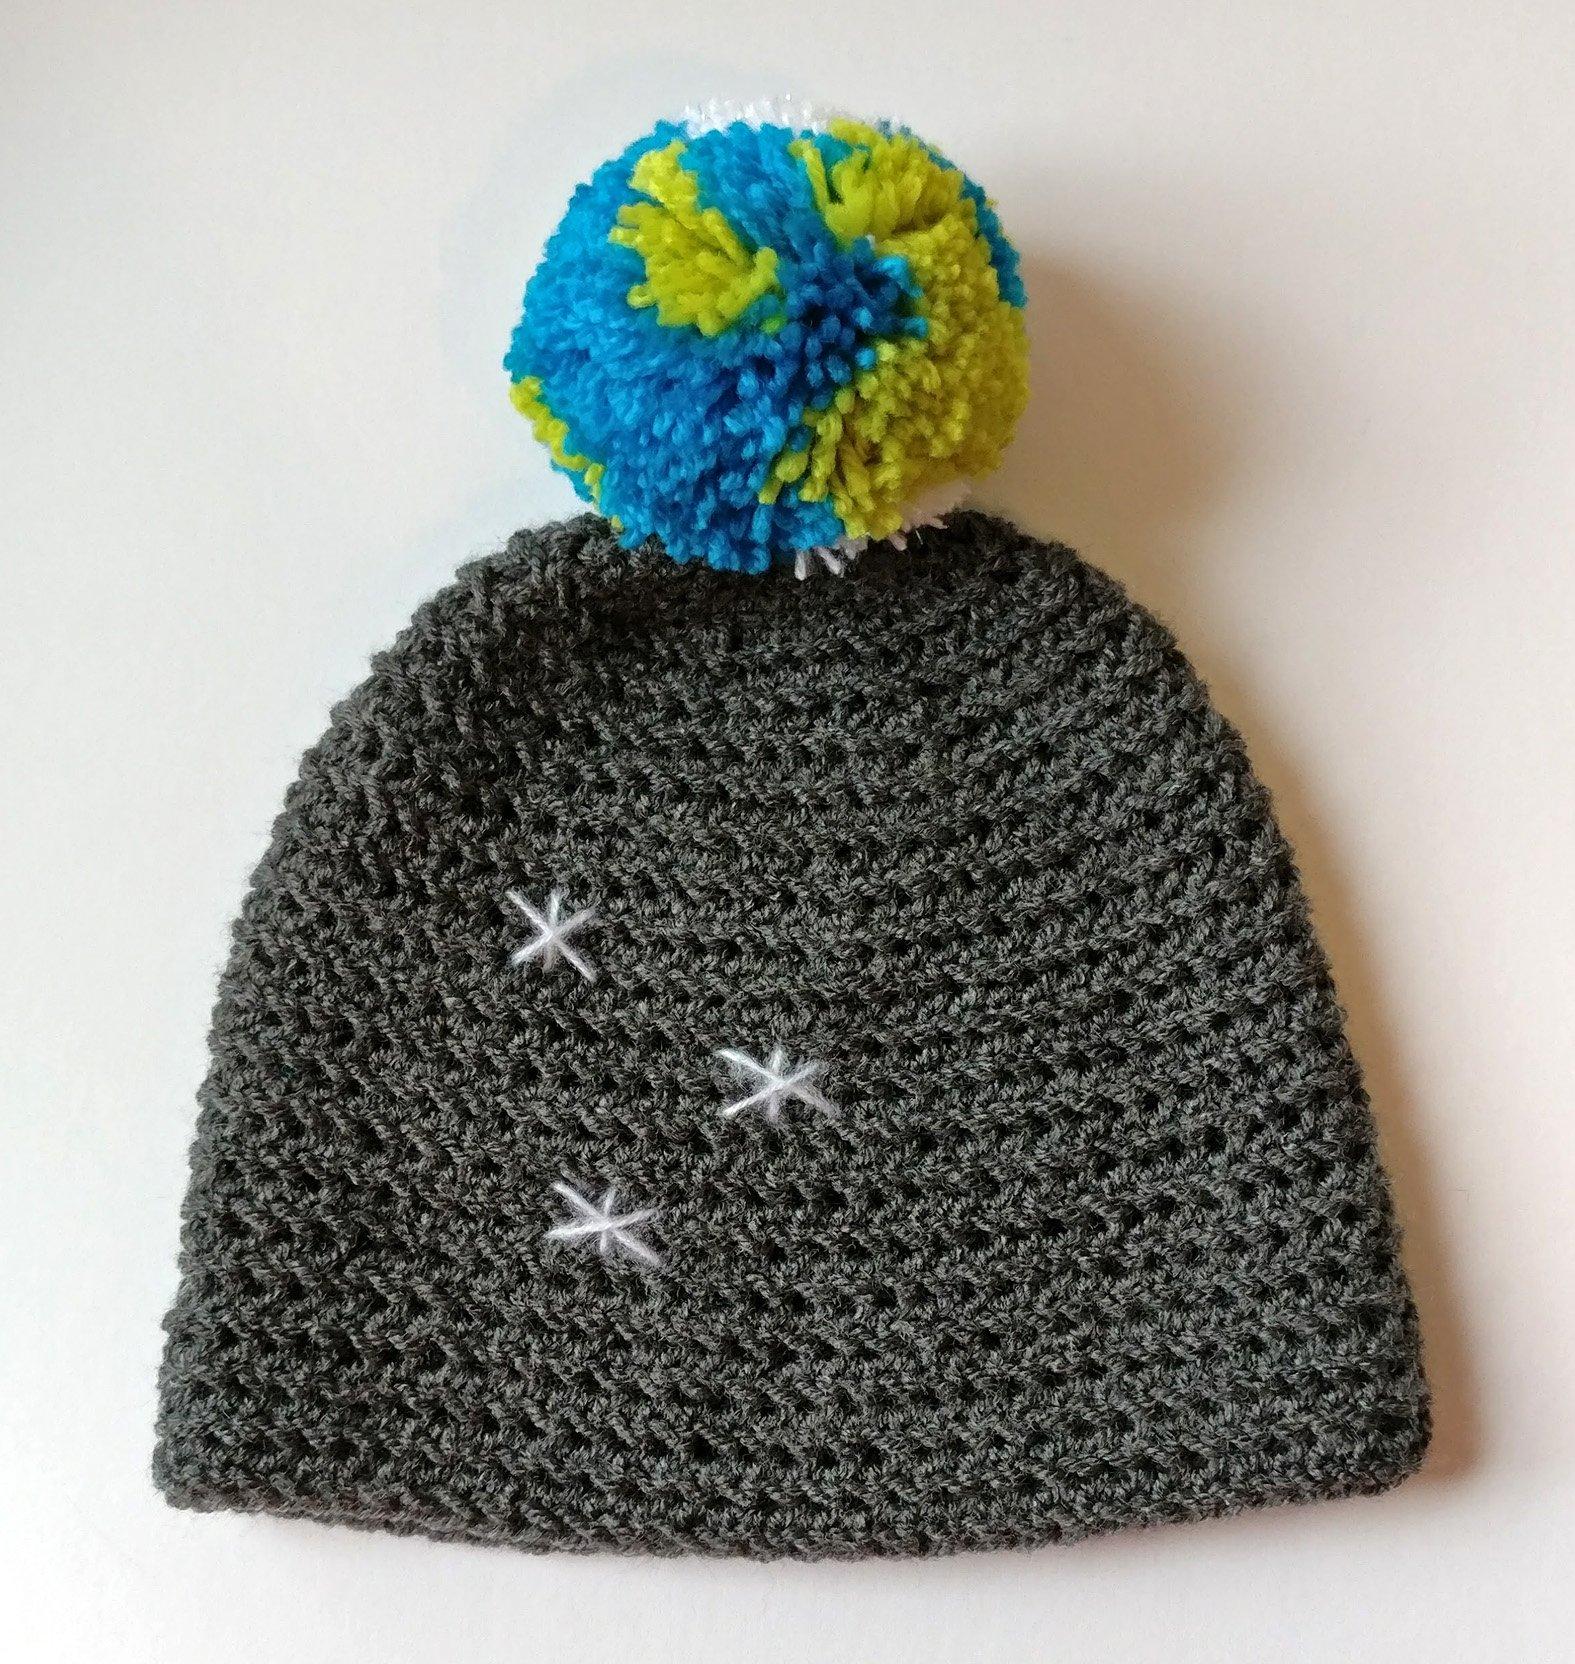 Earth in space crochet hat